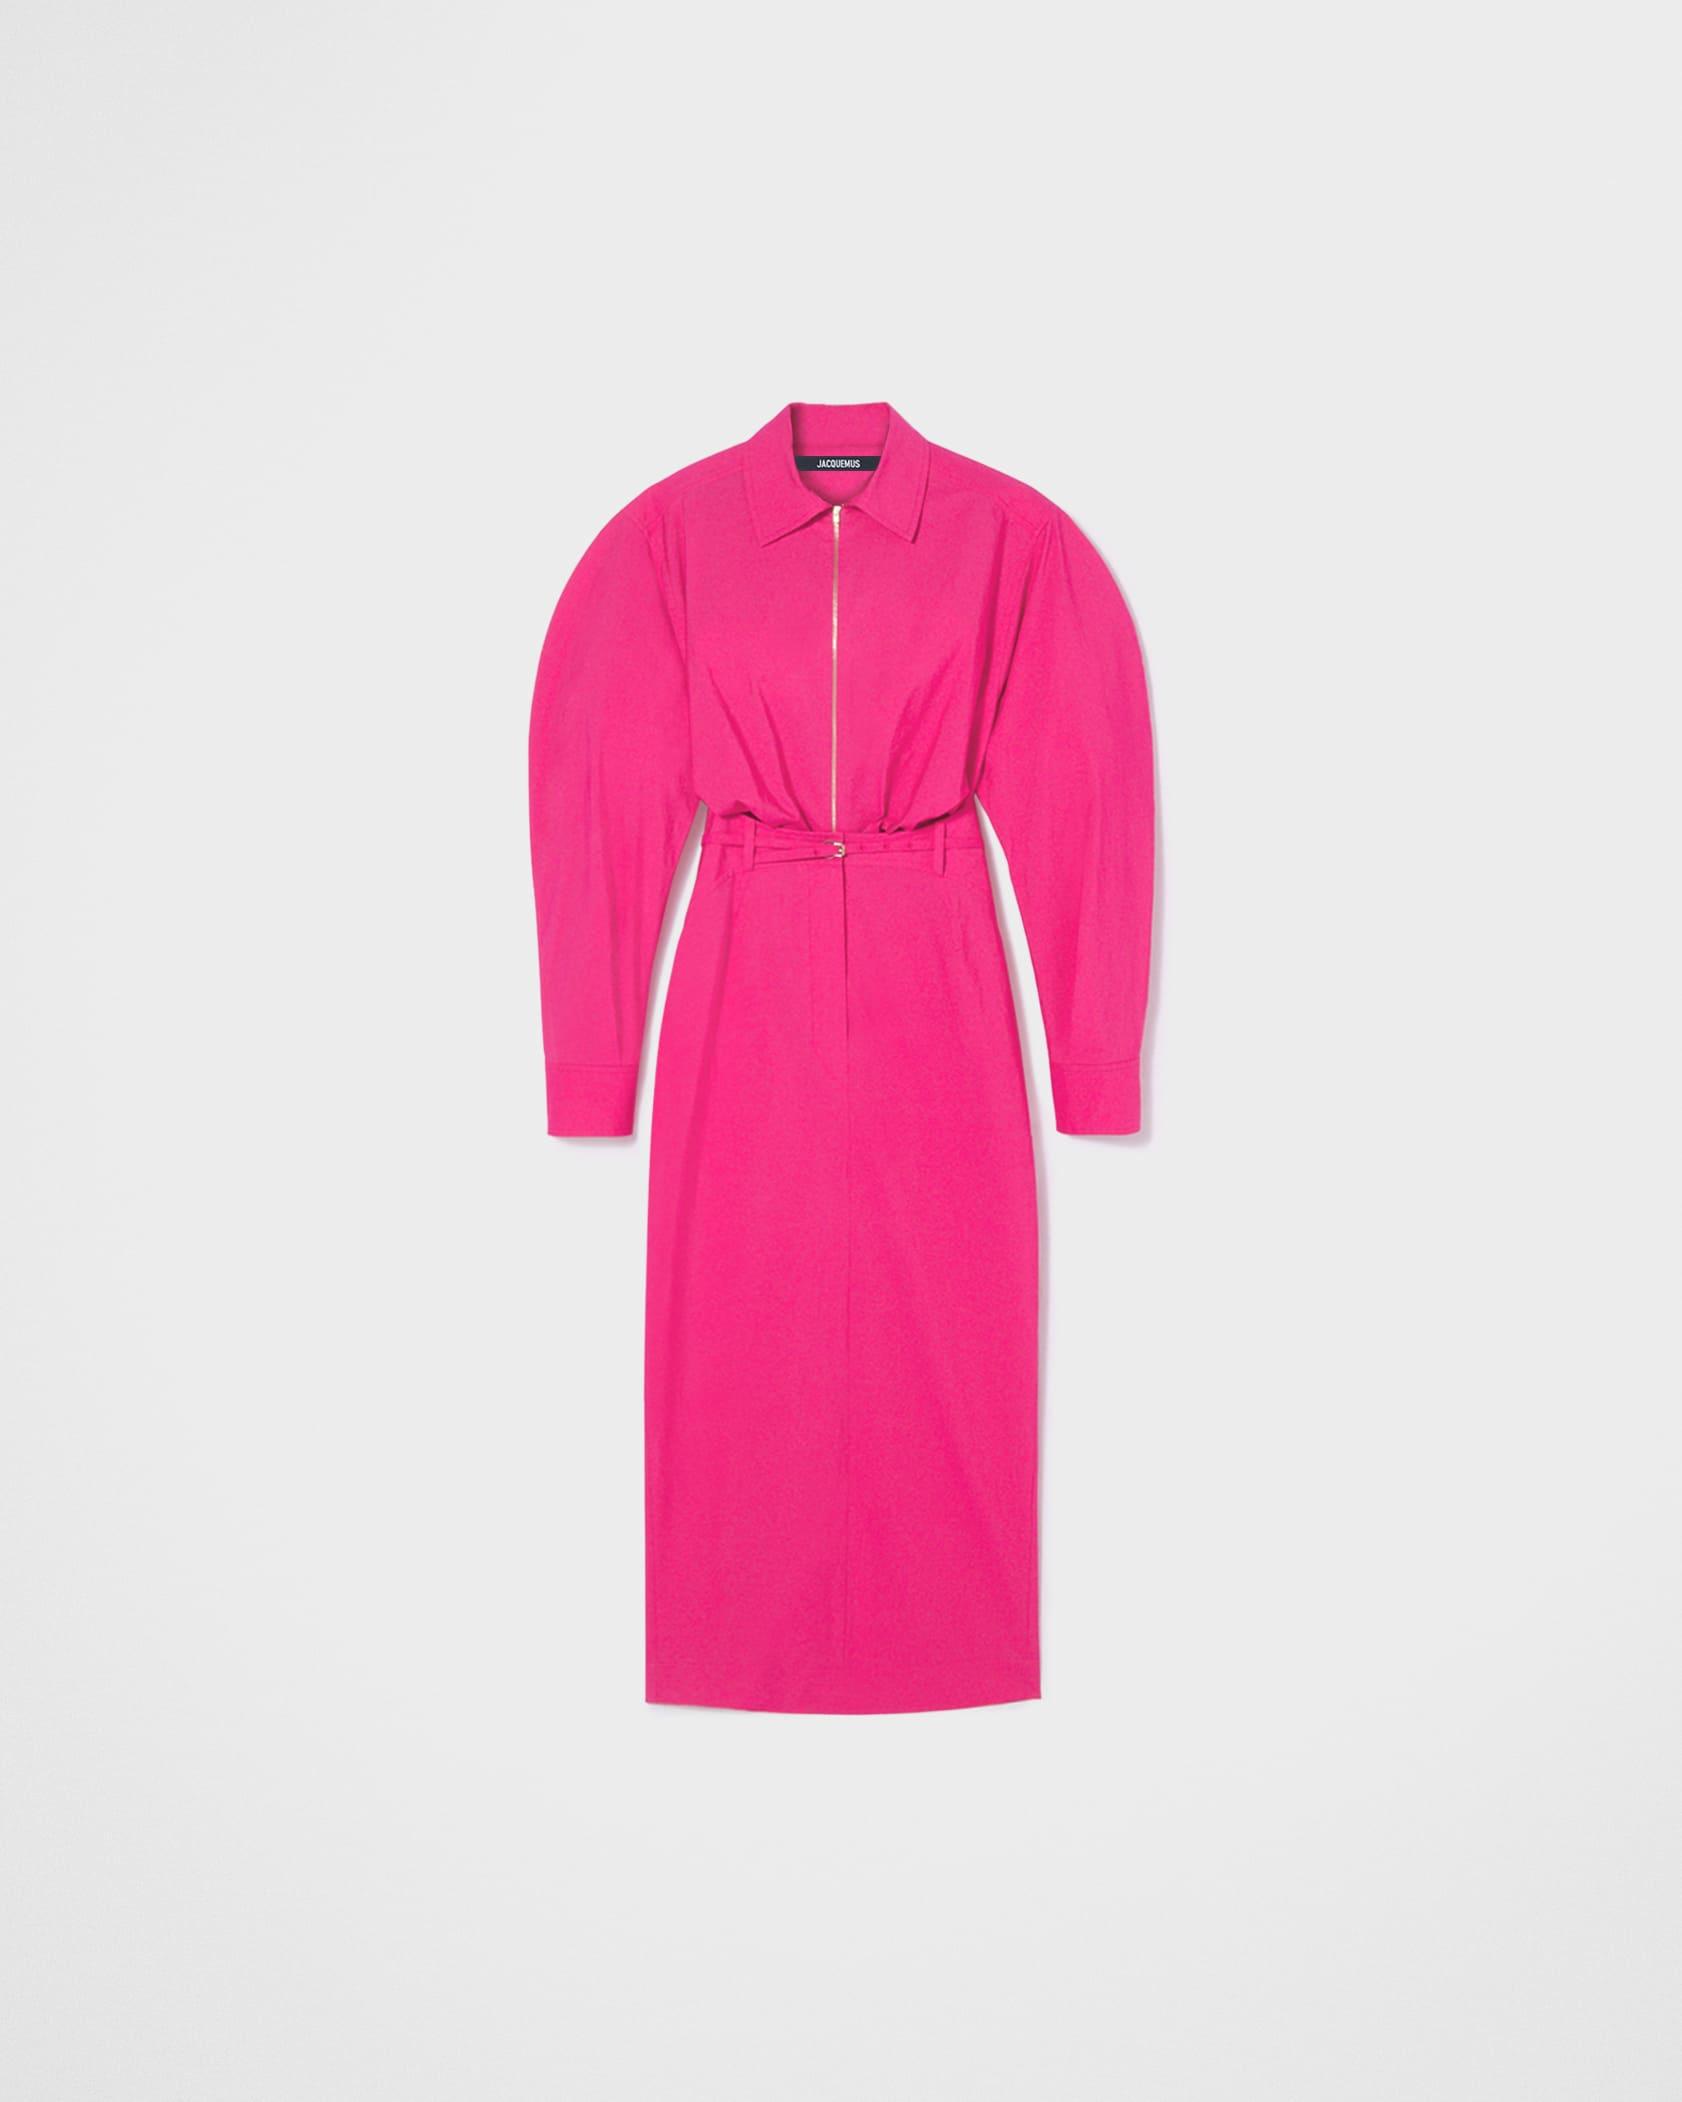 La robe Uzco